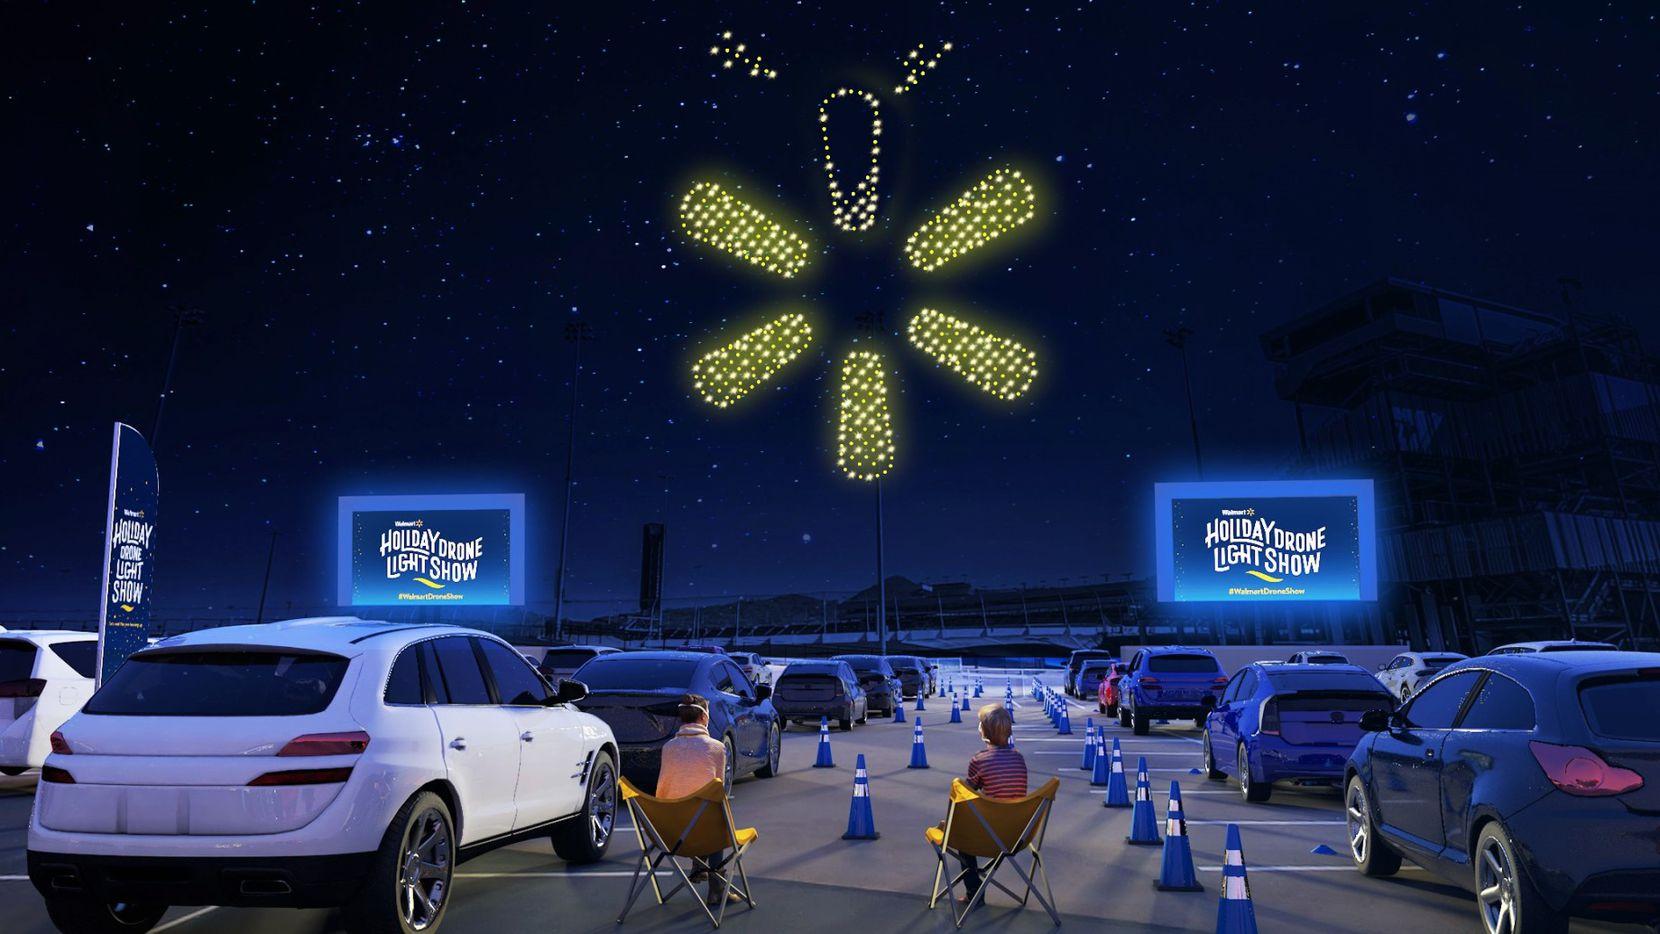 """El  """"Walmart Holiday Drone Light Show""""  se llevara a cabo en el Cotton Bowl en el sur de Dallas el sábado 5 de diciembre. También habra una transmisión en vivo ya que el evento esta agotado."""